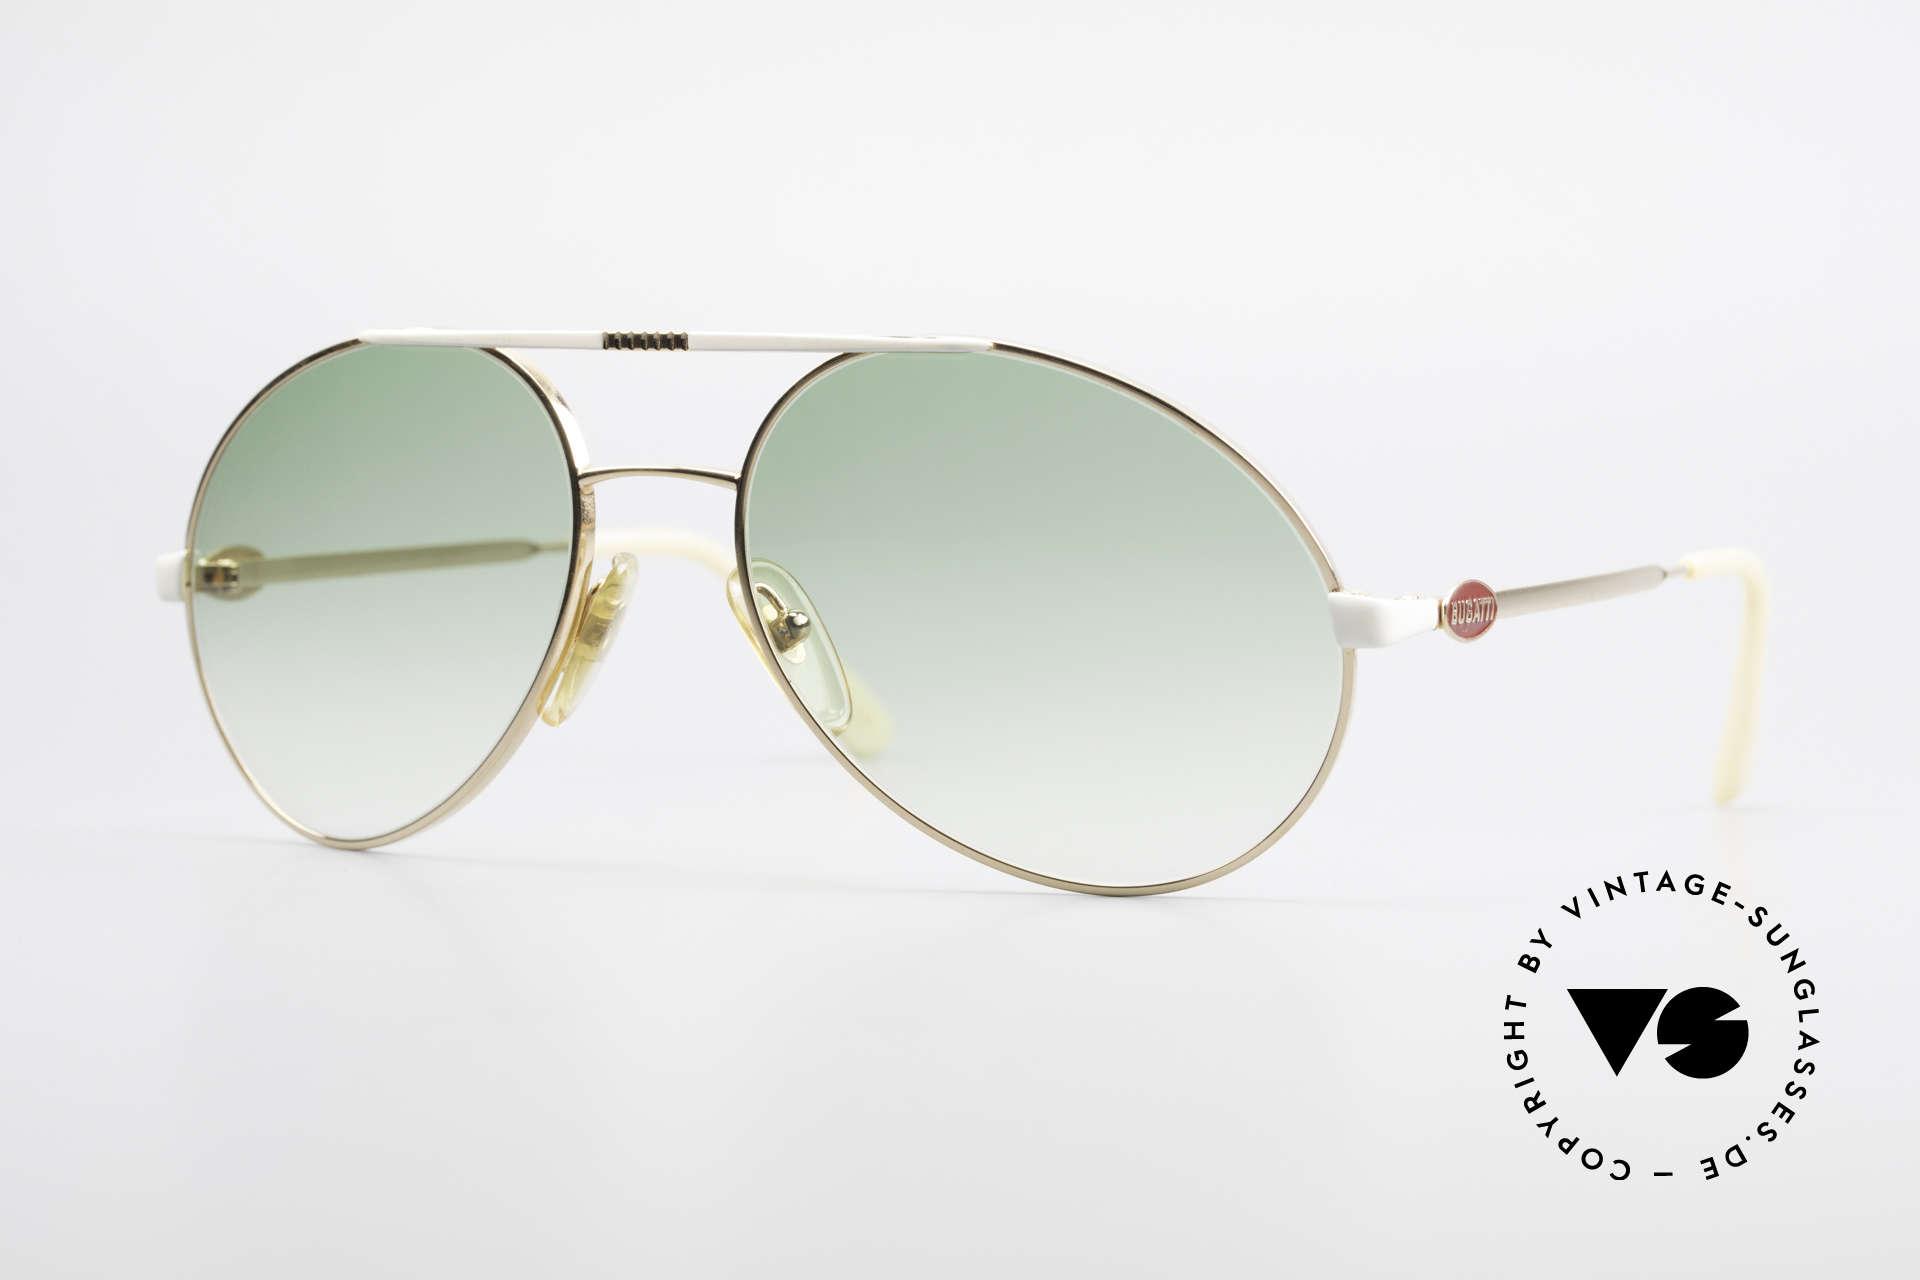 Bugatti 64319 Original 80's Sunglasses Men, rare vintage designer sunglasses by Bugatti, Made for Men